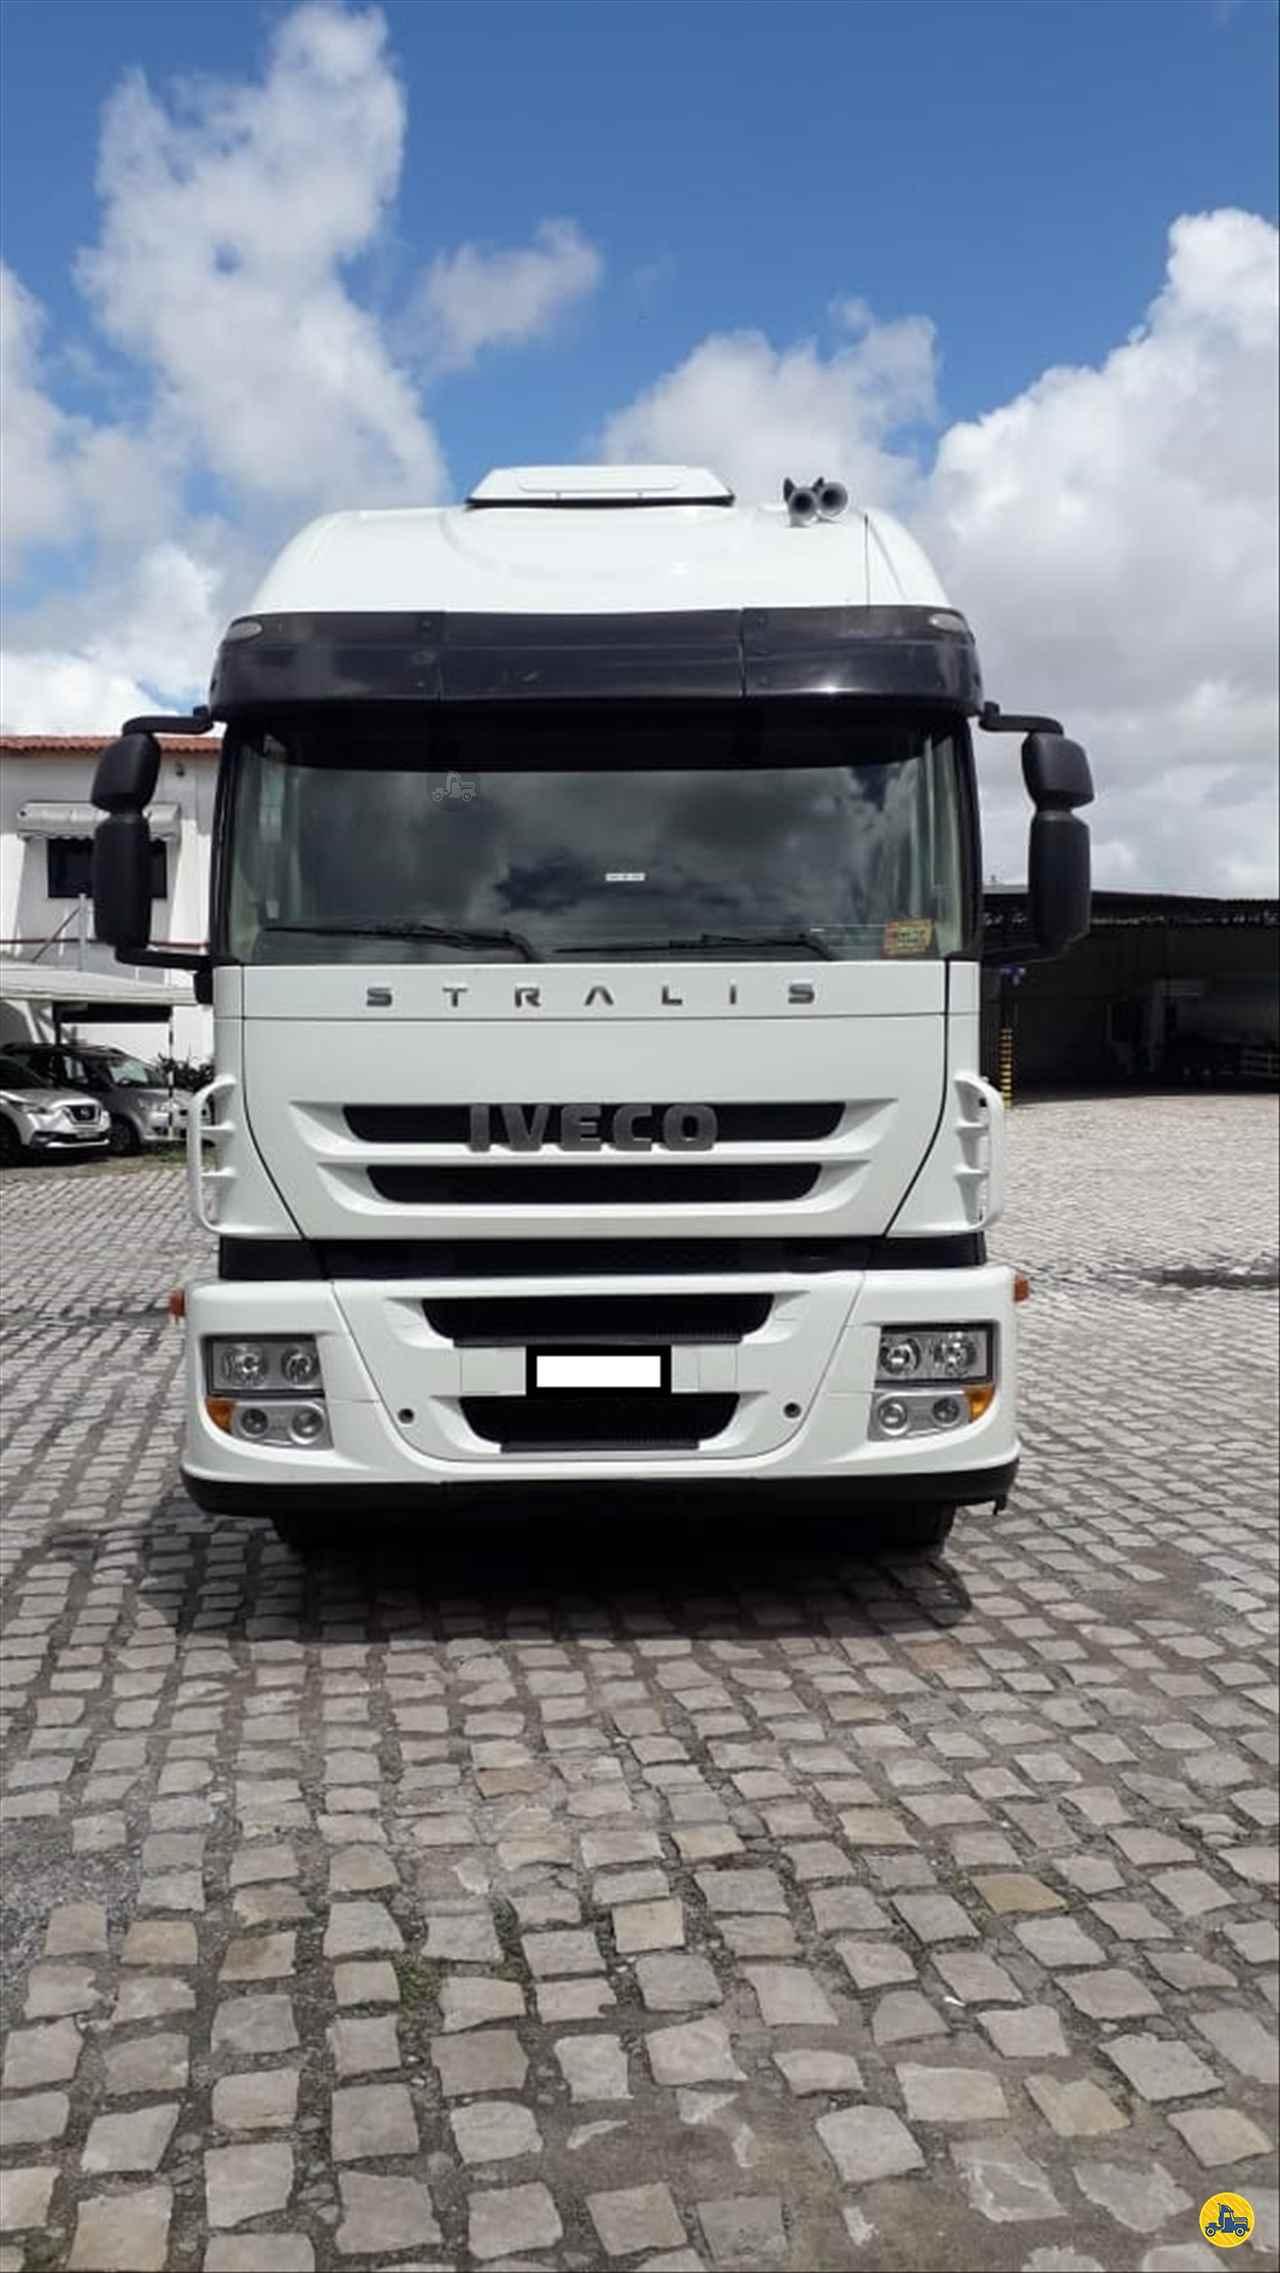 CAMINHAO IVECO STRALIS 740 Cavalo Mecânico Traçado 6x4 Lima Transportes FORTALEZA CEARÁ CE